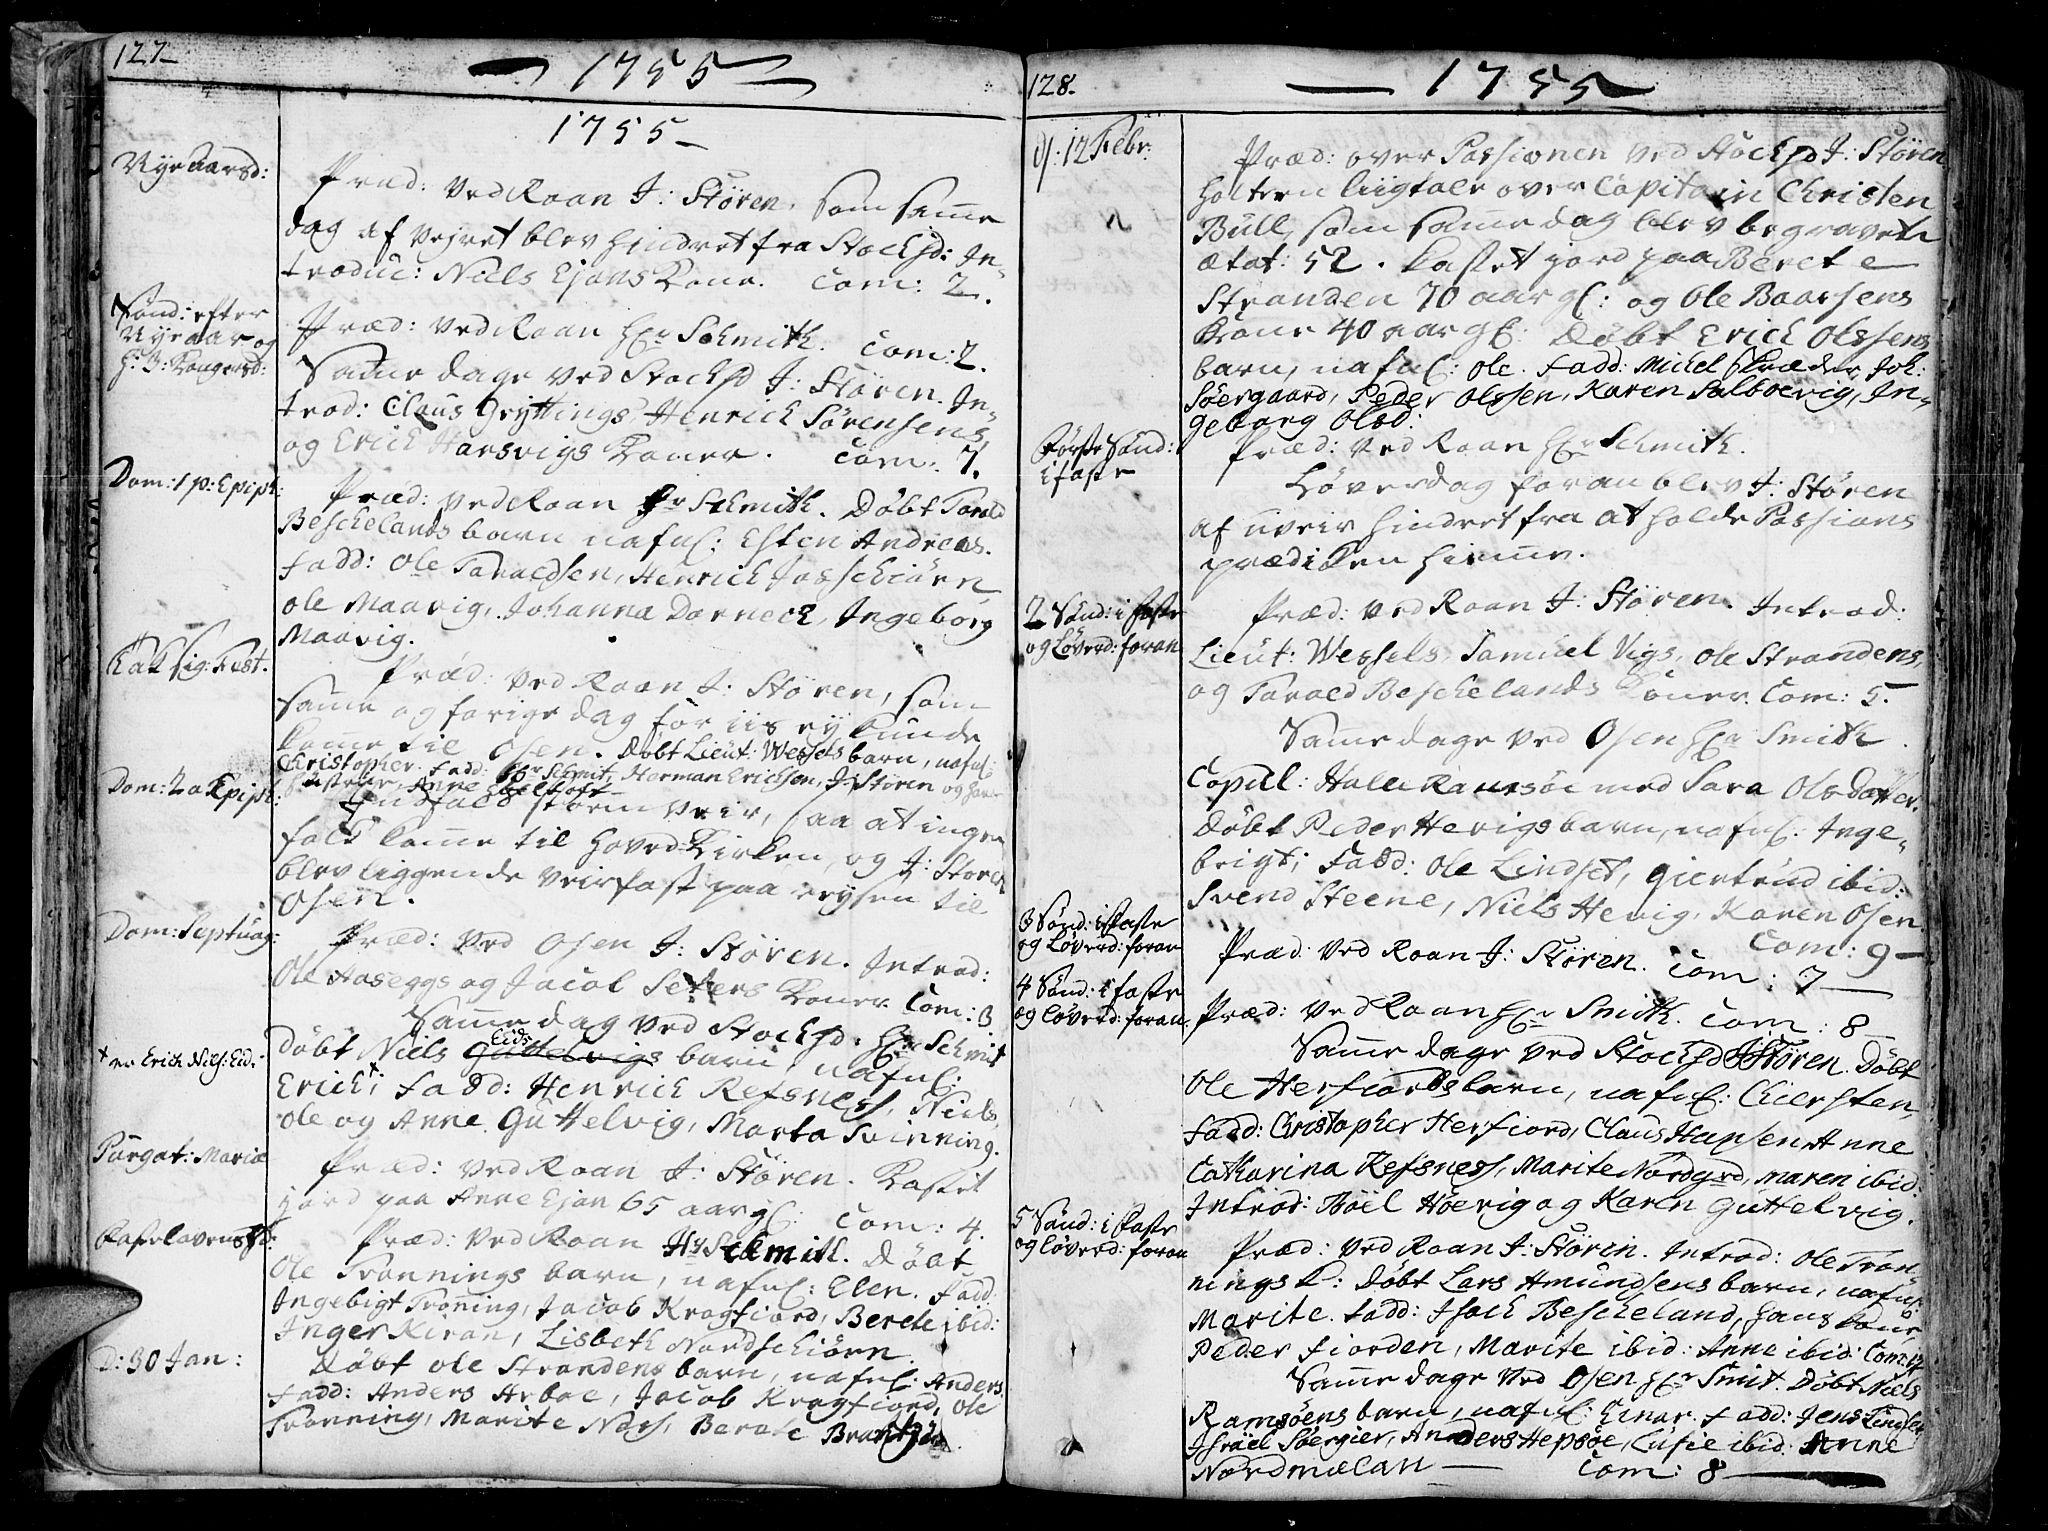 SAT, Ministerialprotokoller, klokkerbøker og fødselsregistre - Sør-Trøndelag, 657/L0700: Ministerialbok nr. 657A01, 1732-1801, s. 127-128